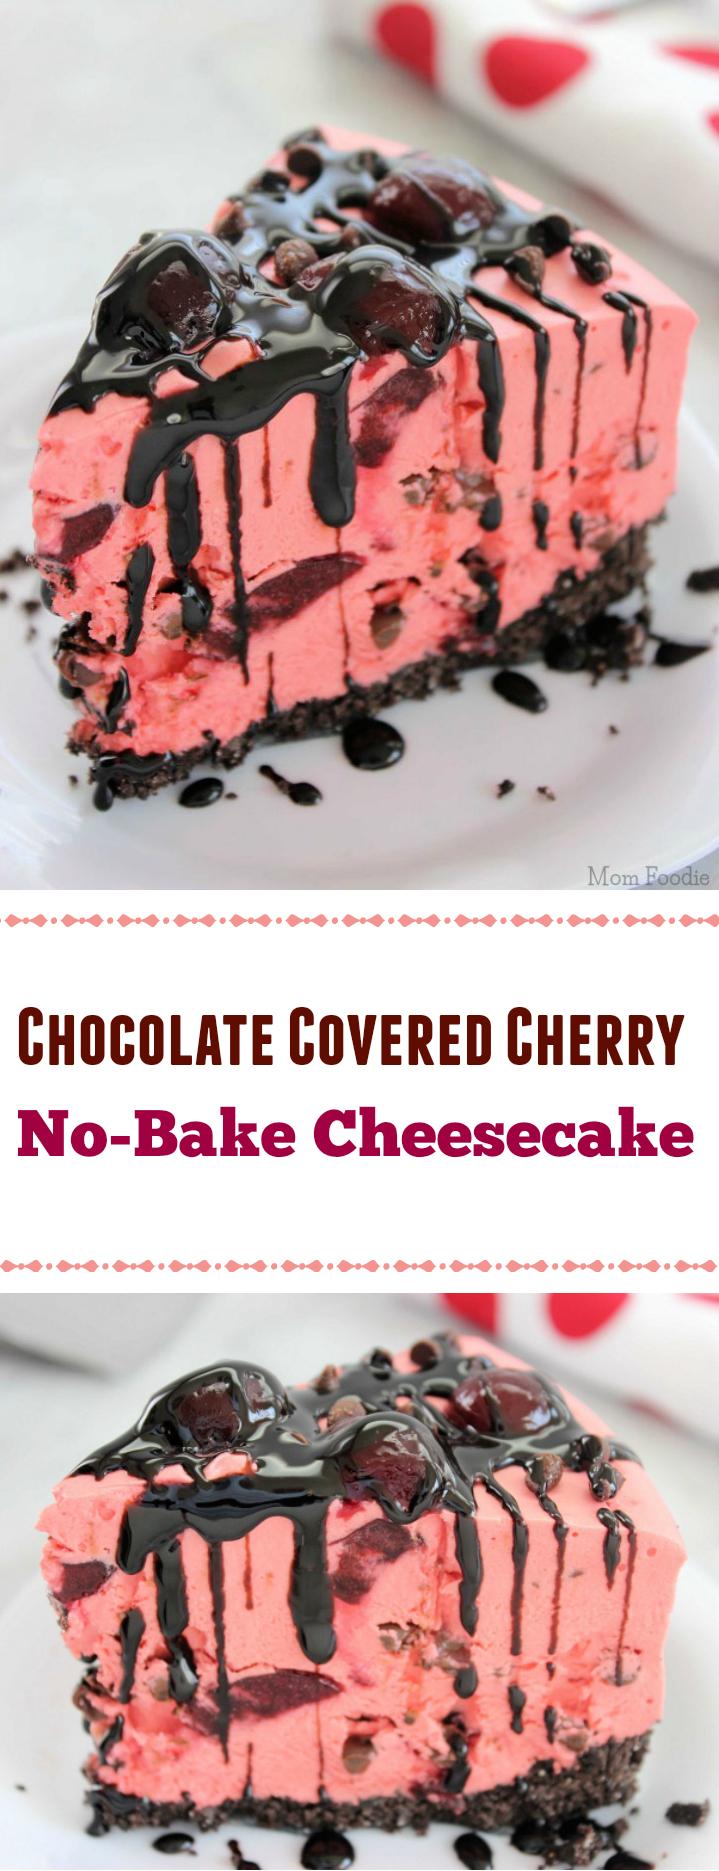 Chocolate Covered Cherry No-Bake Cheesecake Dessert Recipe